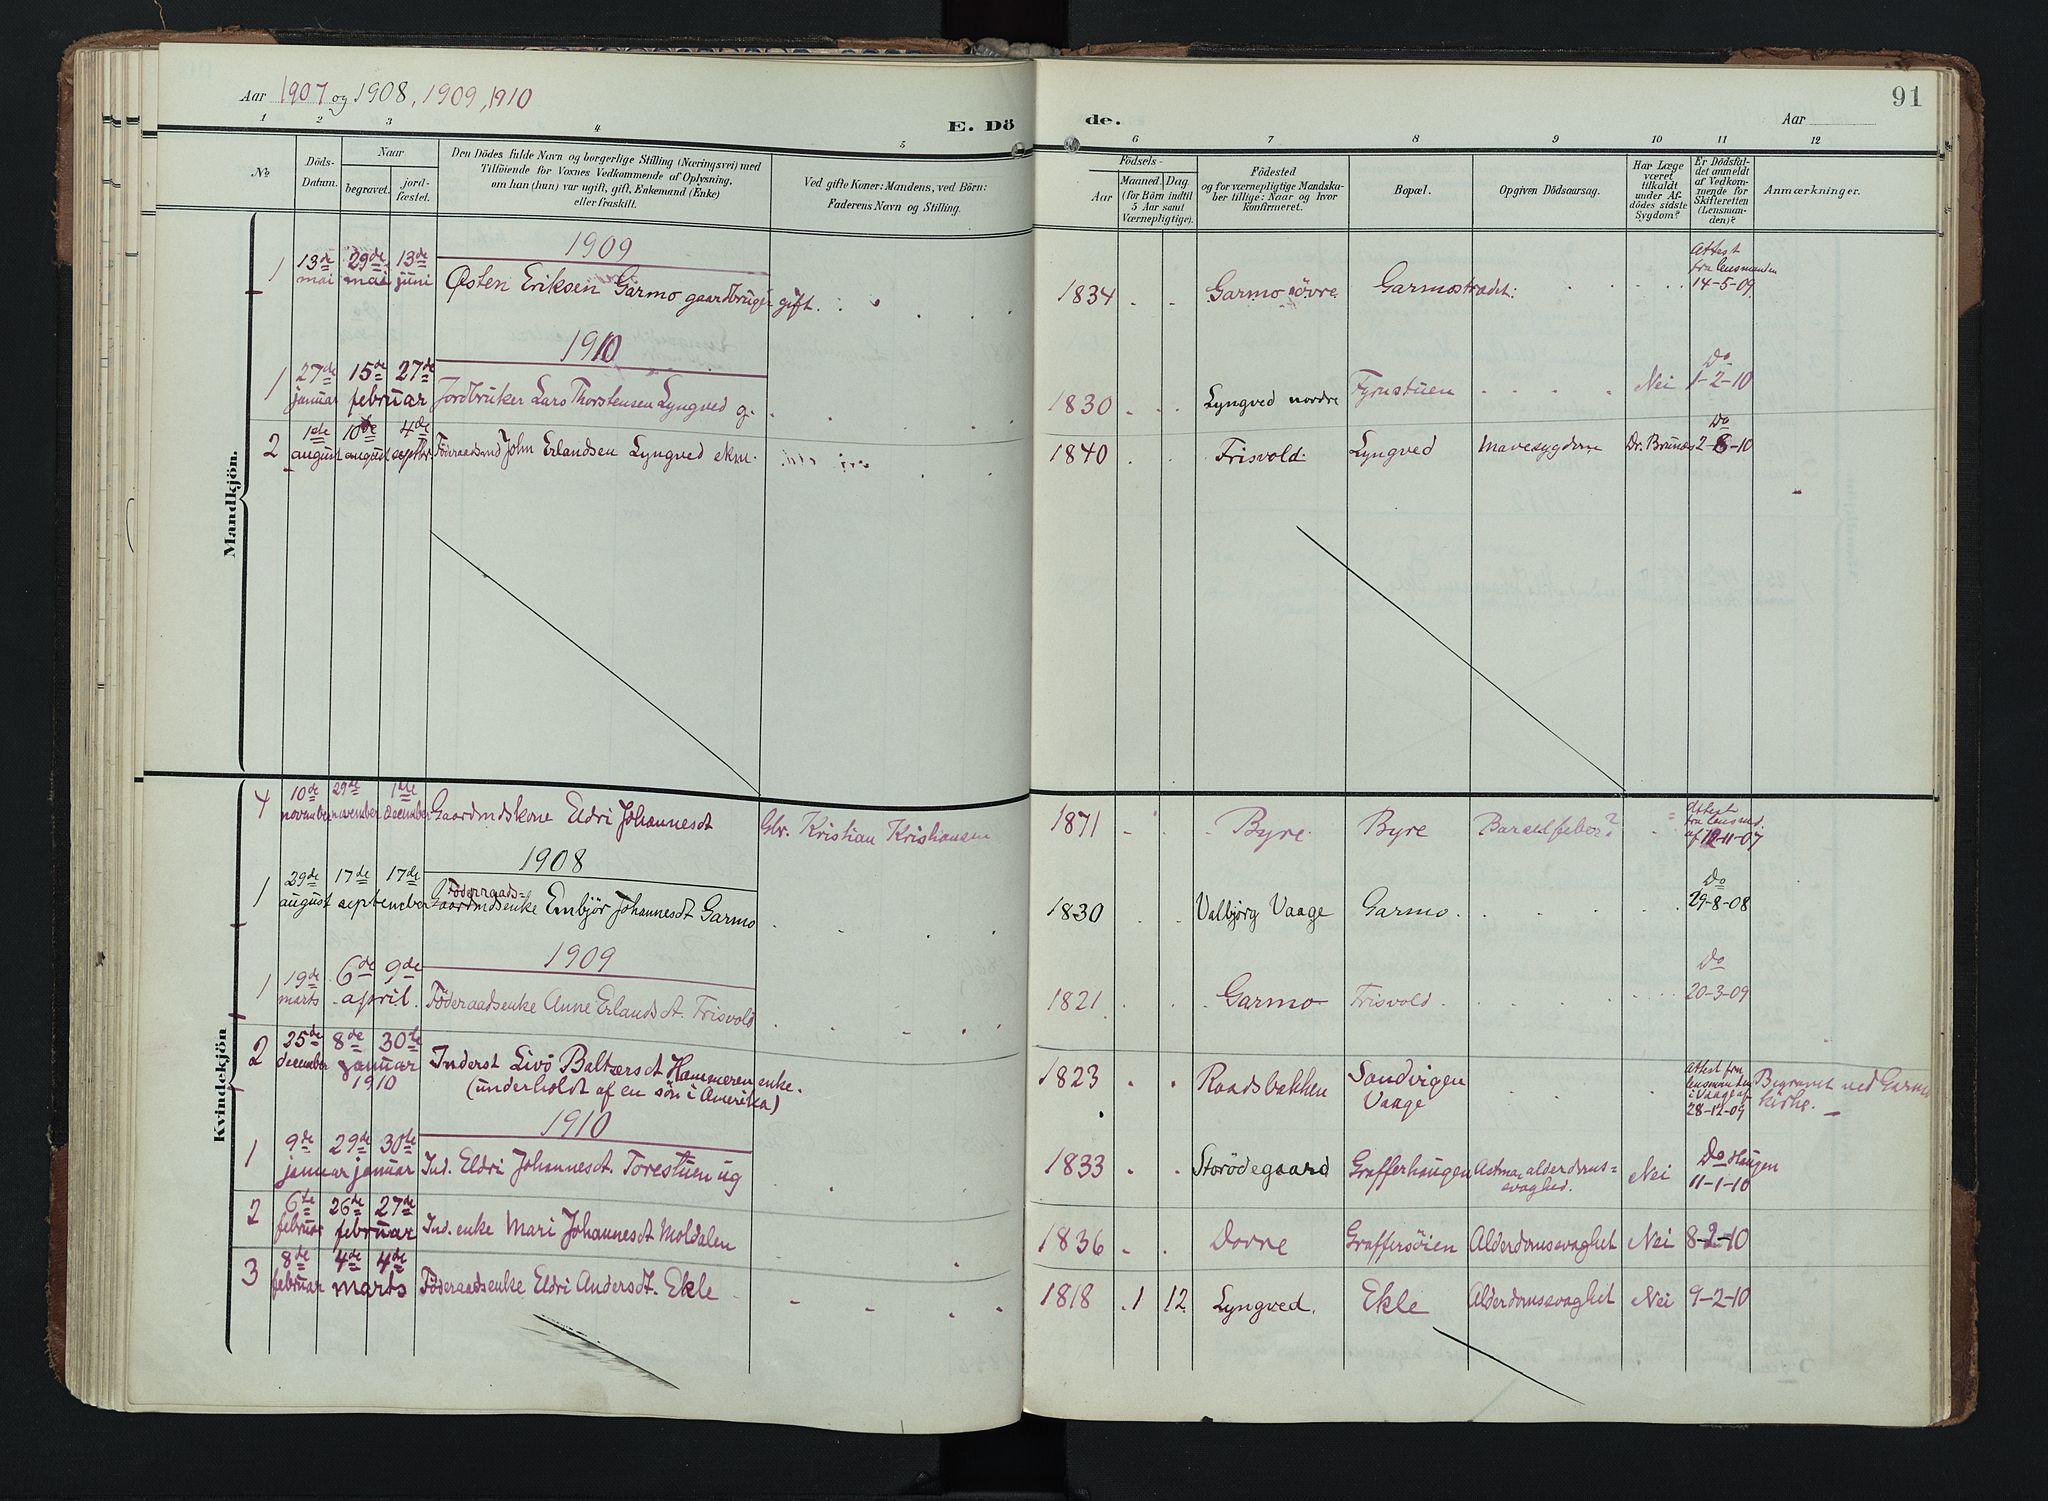 SAH, Lom prestekontor, K/L0011: Ministerialbok nr. 11, 1904-1928, s. 91